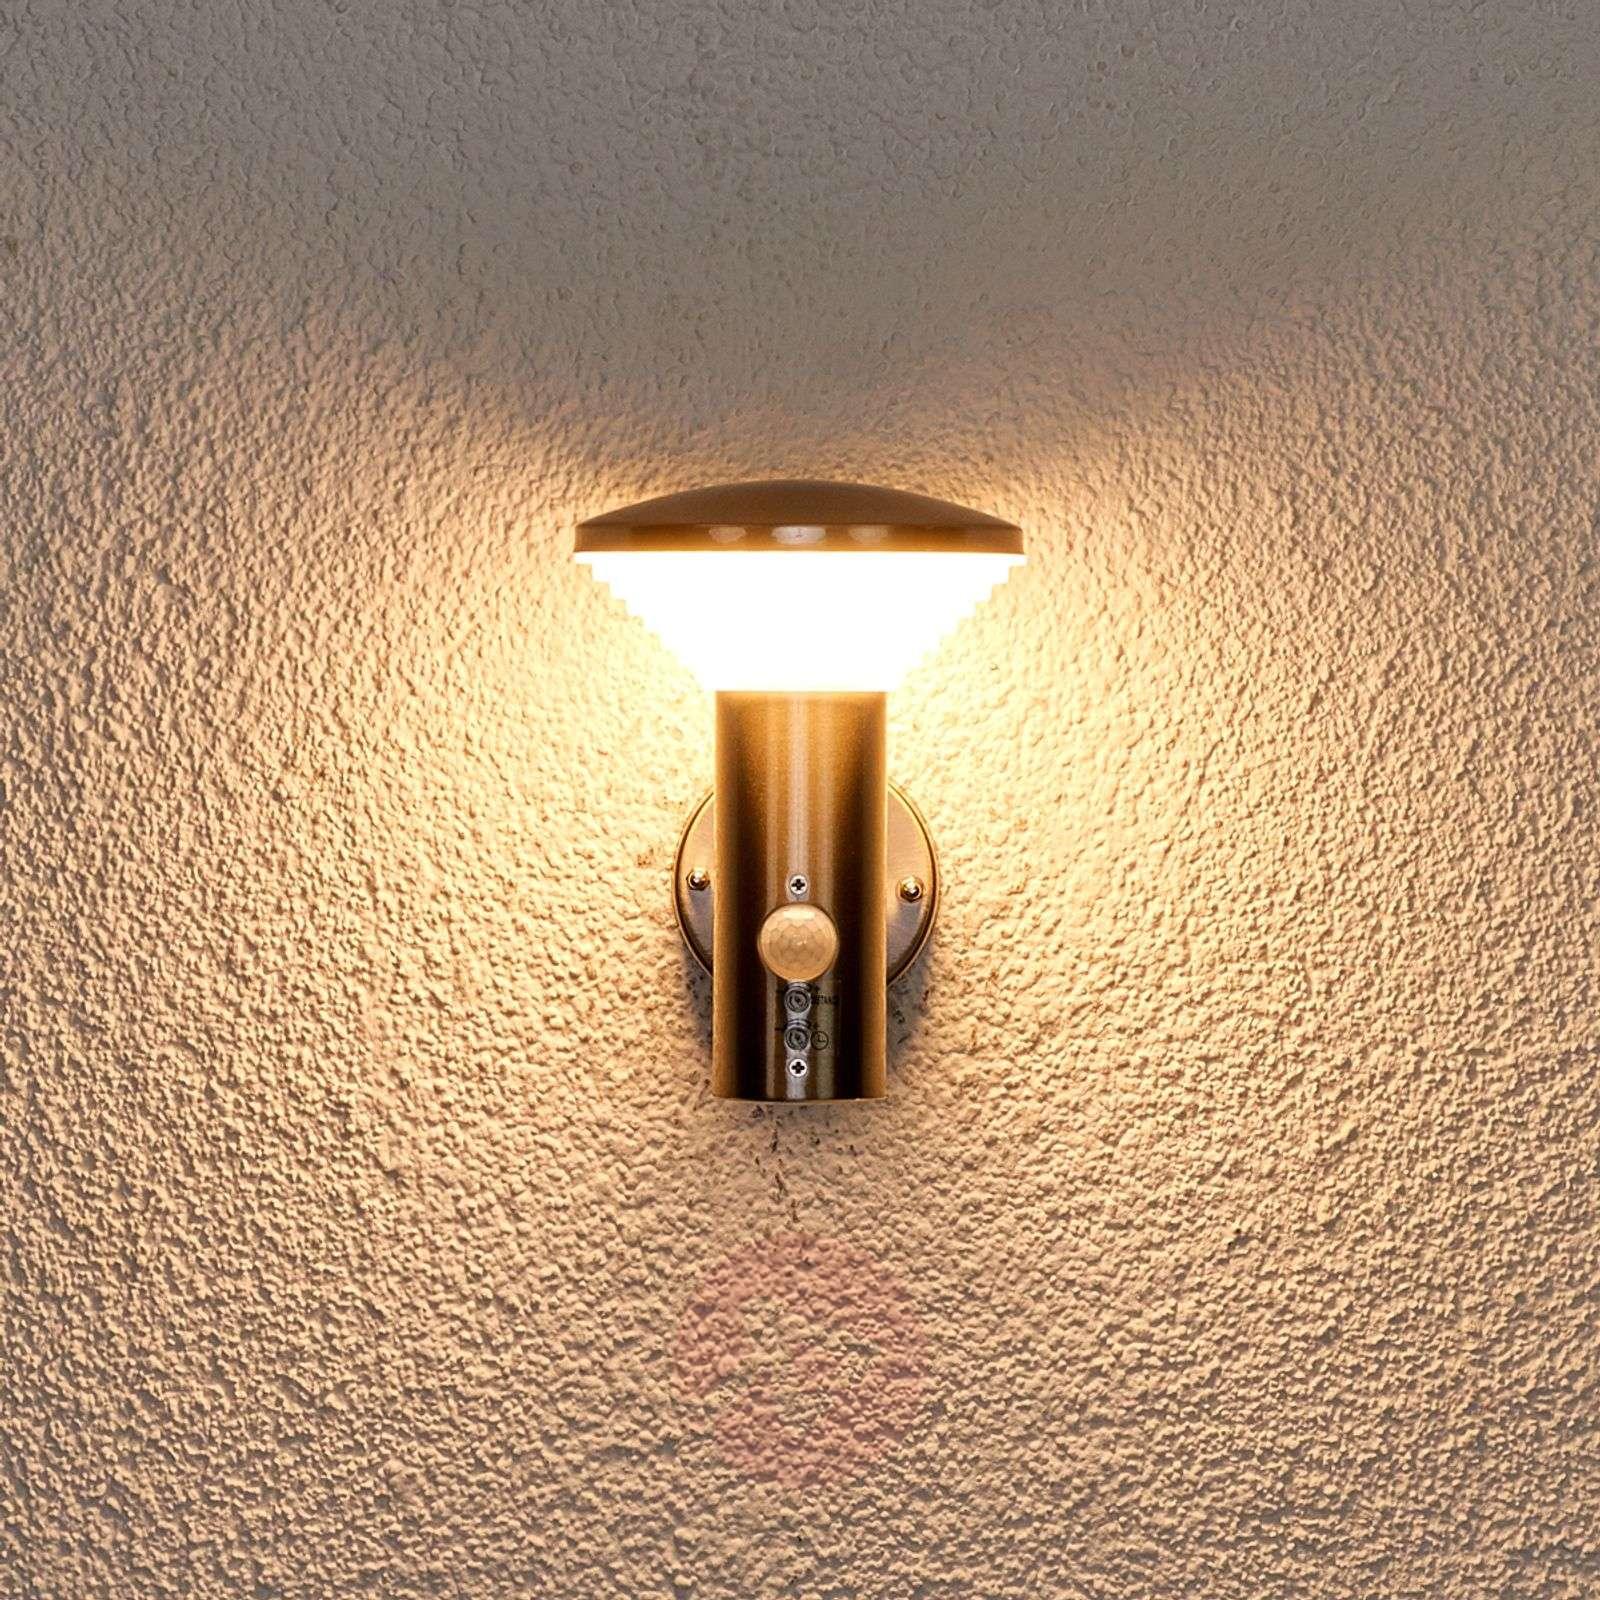 LED-seinävalaisin Tiga tunnistimella, ulkokäyttö-9988072-011